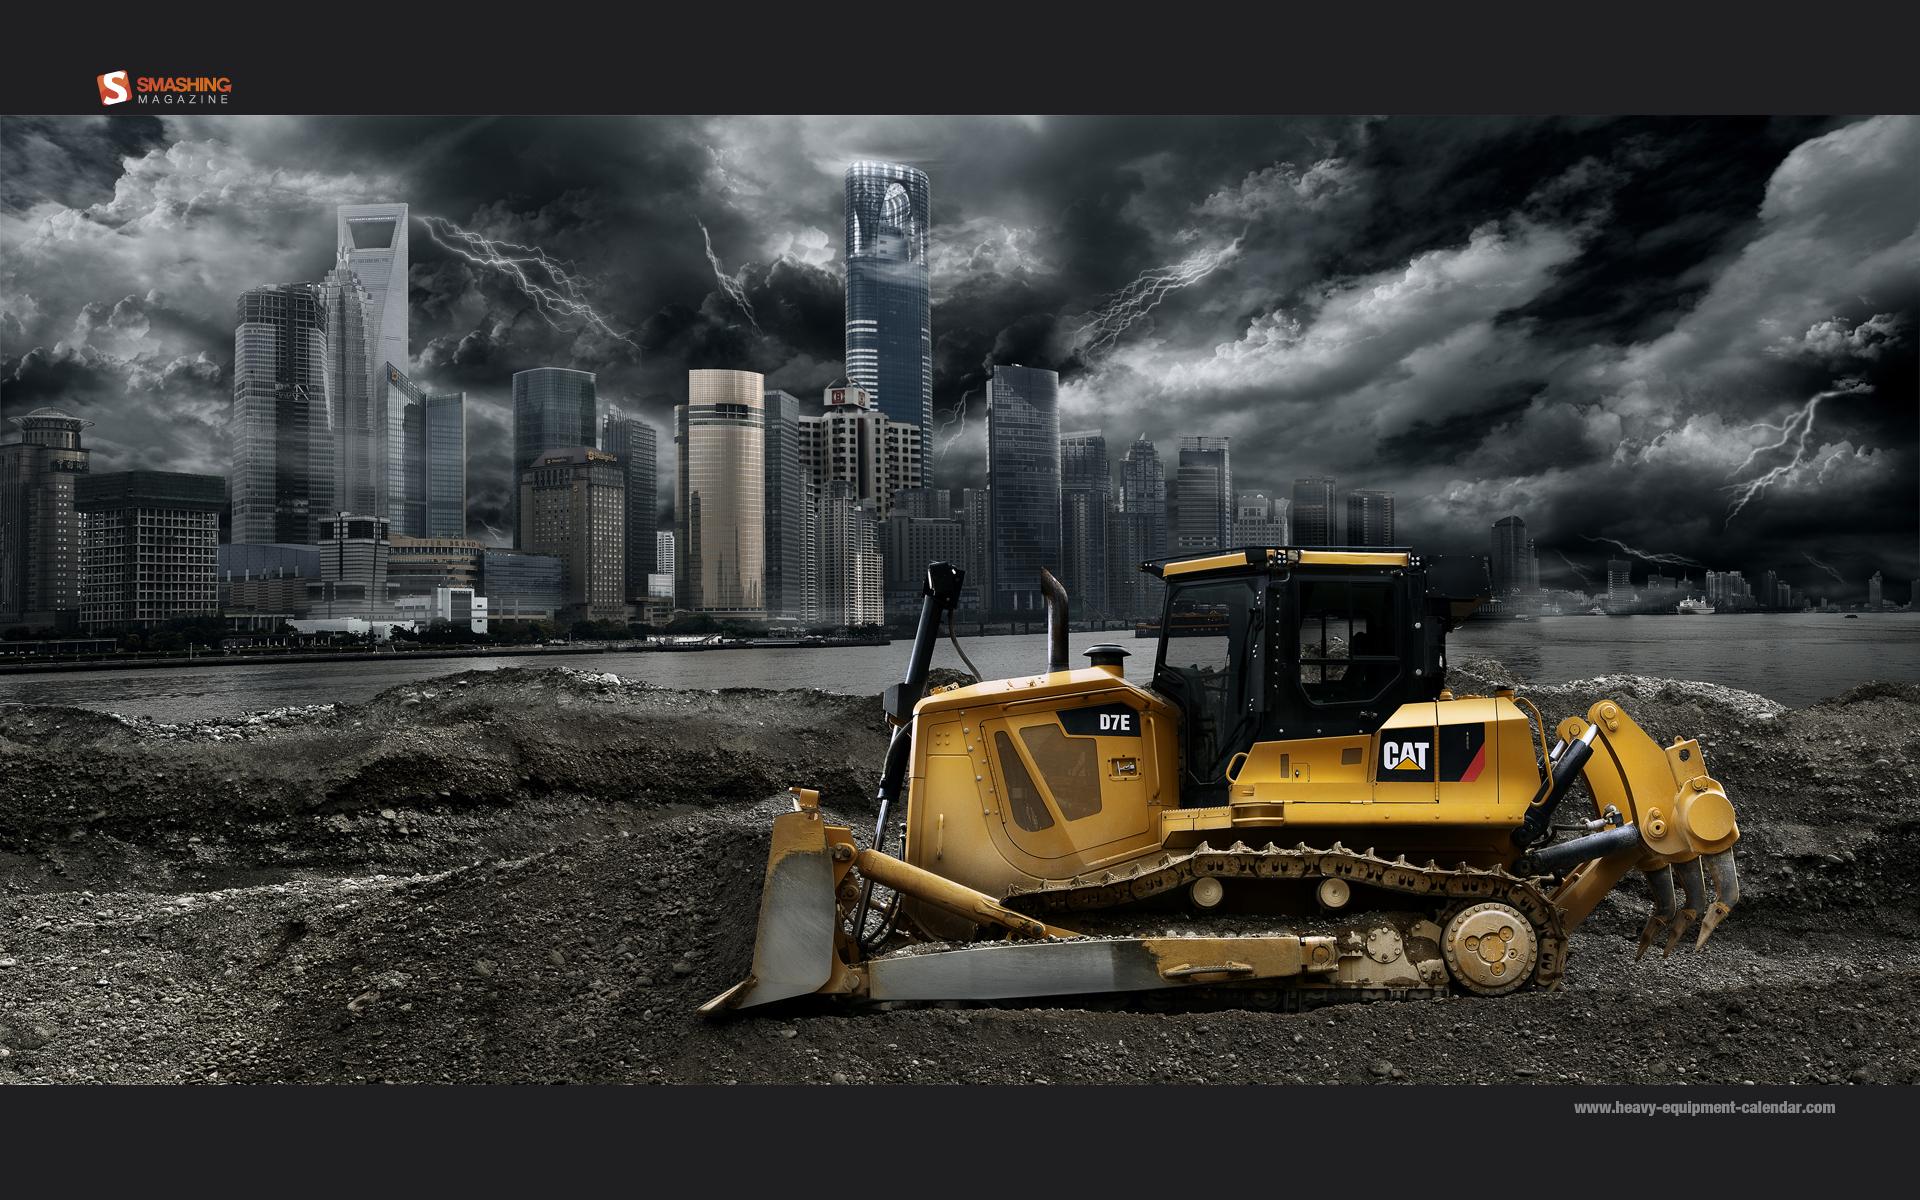 1 Caterpillar D7E Bulldozer HD Wallpapers | Backgrounds ...